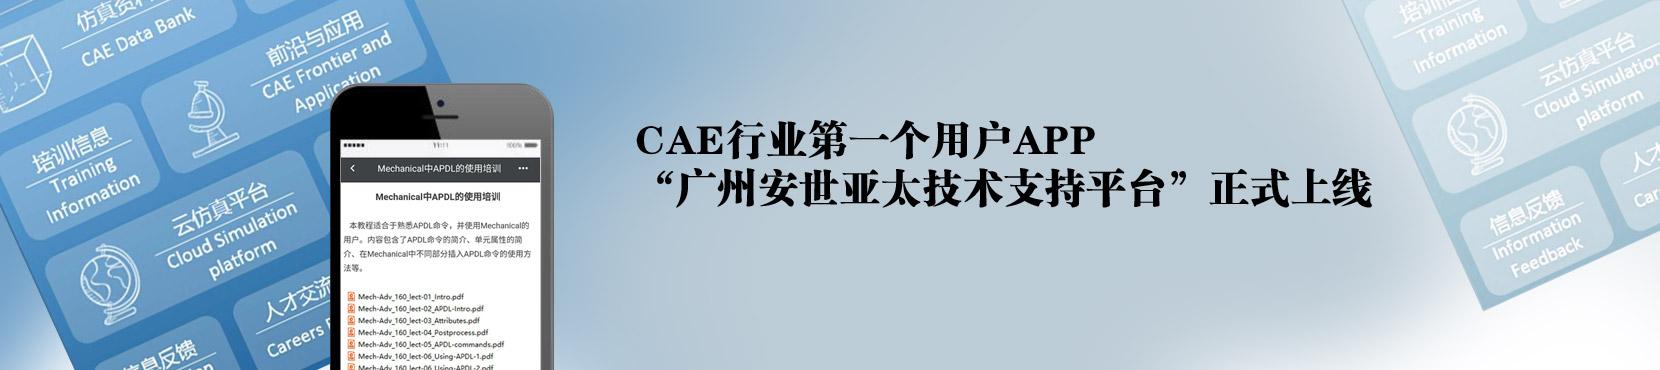 """""""广州安世亚太技术支持平台""""正式上线——CAE行业第一个用户APP"""